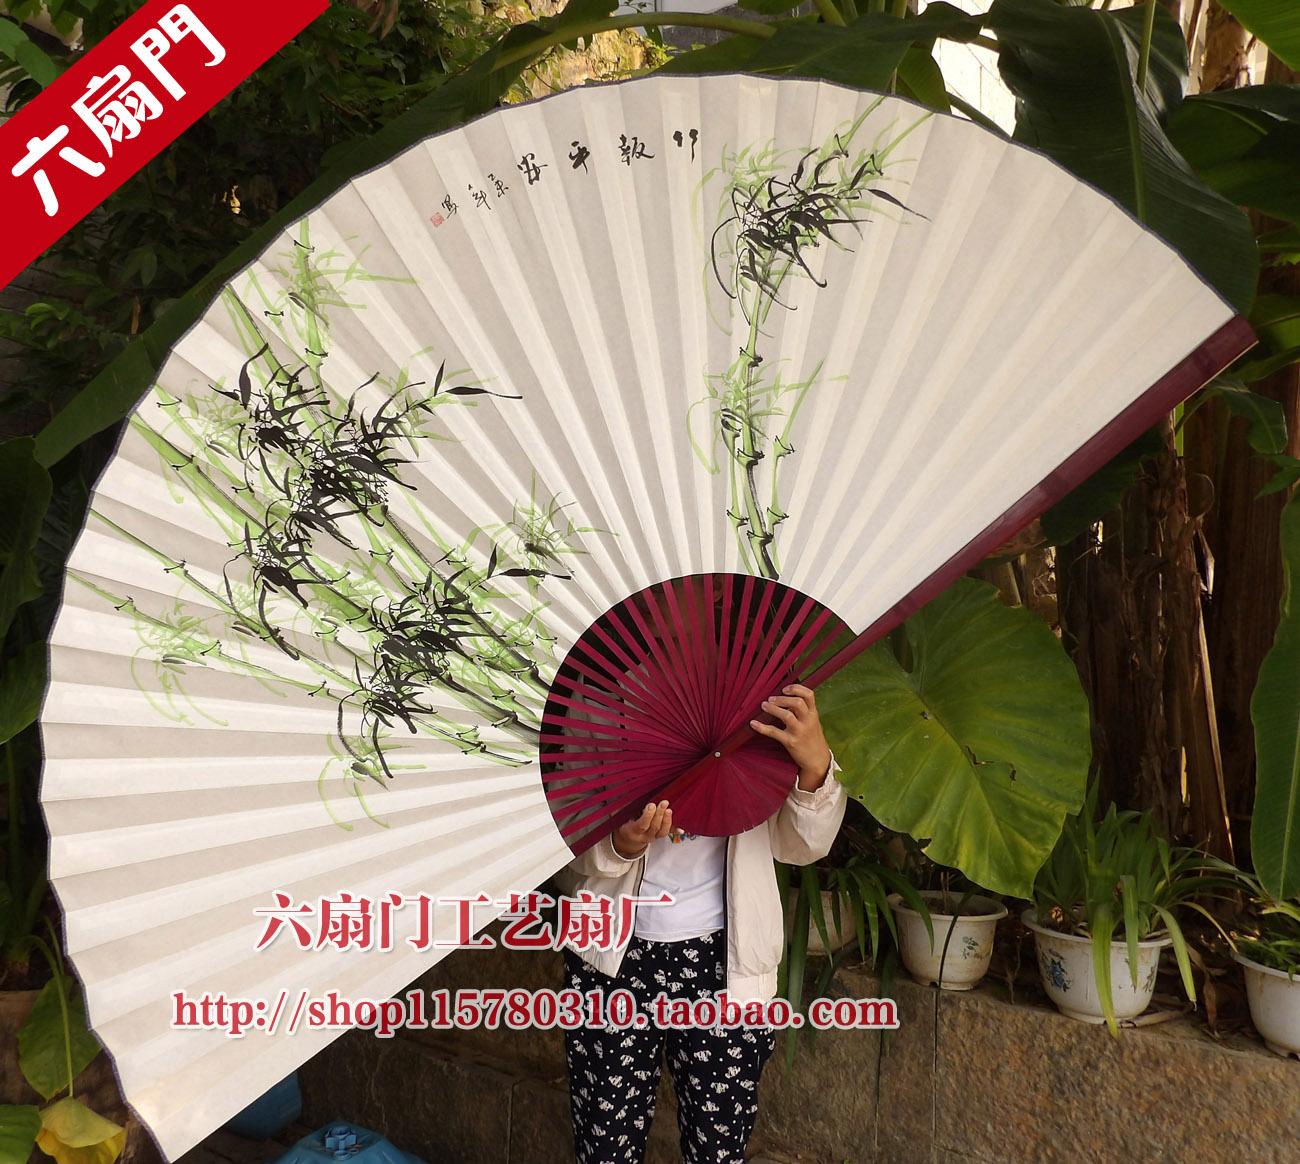 纸扇超大挂扇工艺扇大折扇子中国风书房客厅装饰扇纯手绘竹报平安